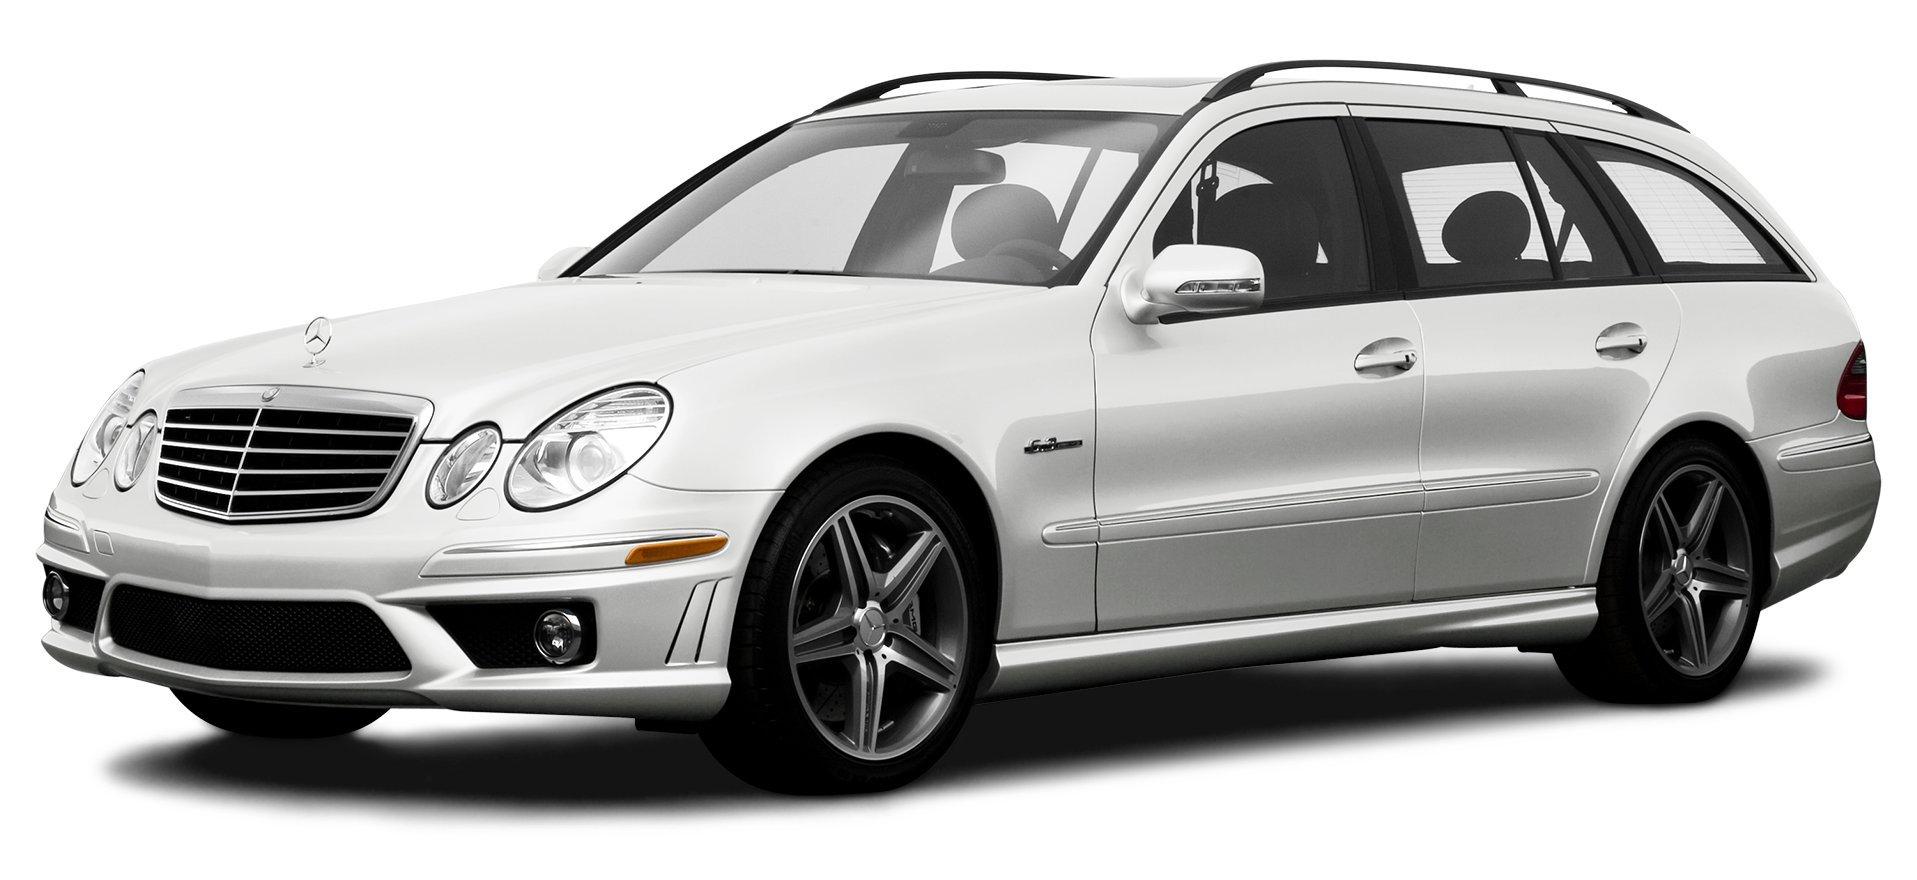 2009 Mercedes-Benz E350 3.5L, 4-Door Wagon 4MATIC